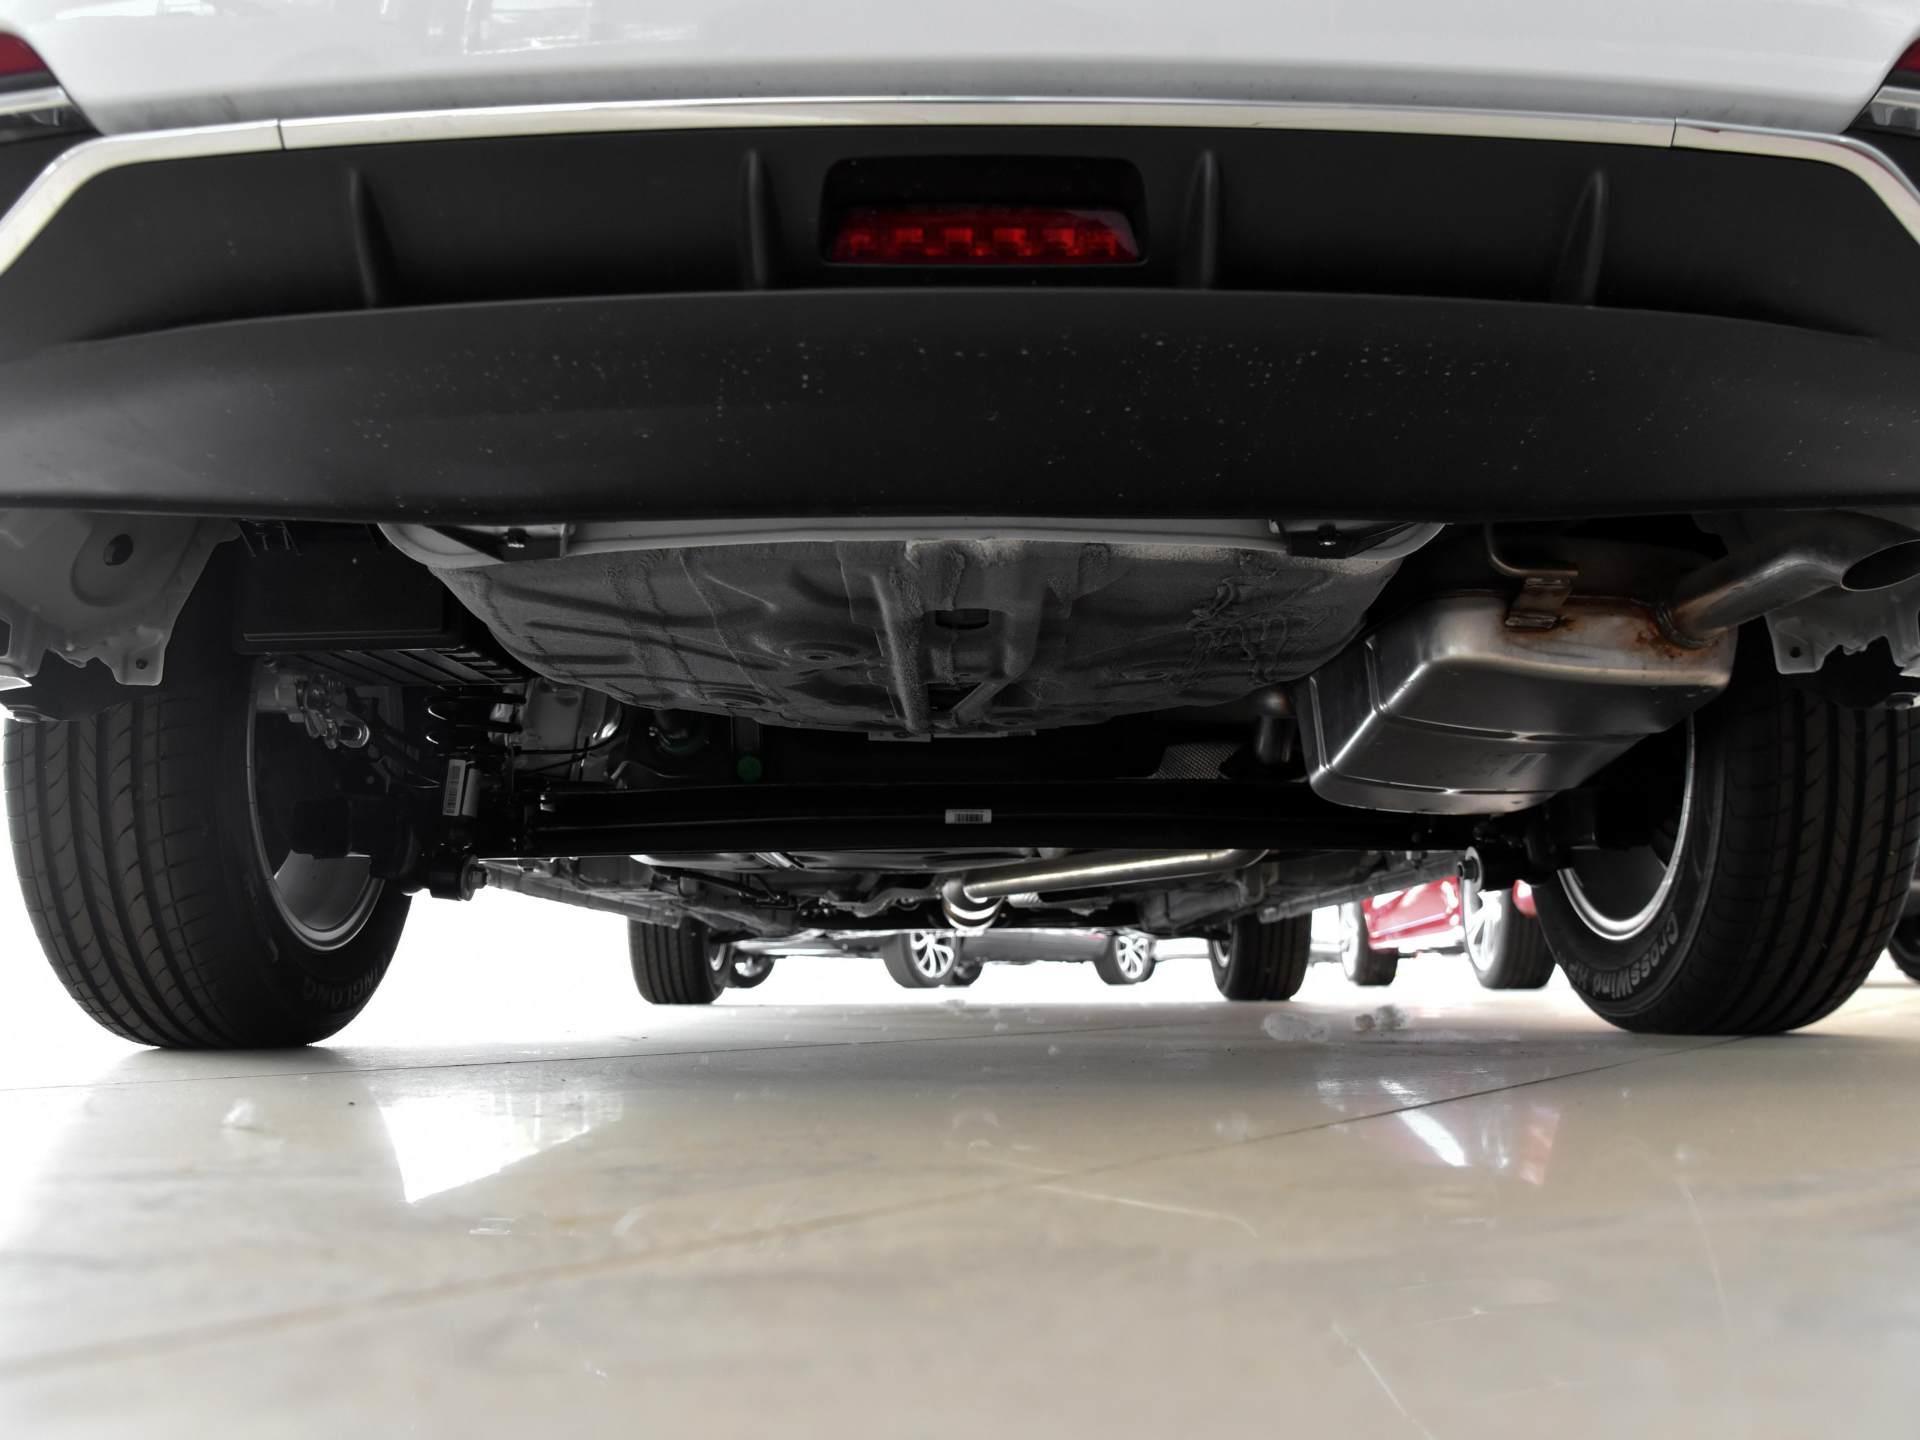 比合资小车更大的国产家轿,油耗不过6L还便宜,带你看吉利帝豪